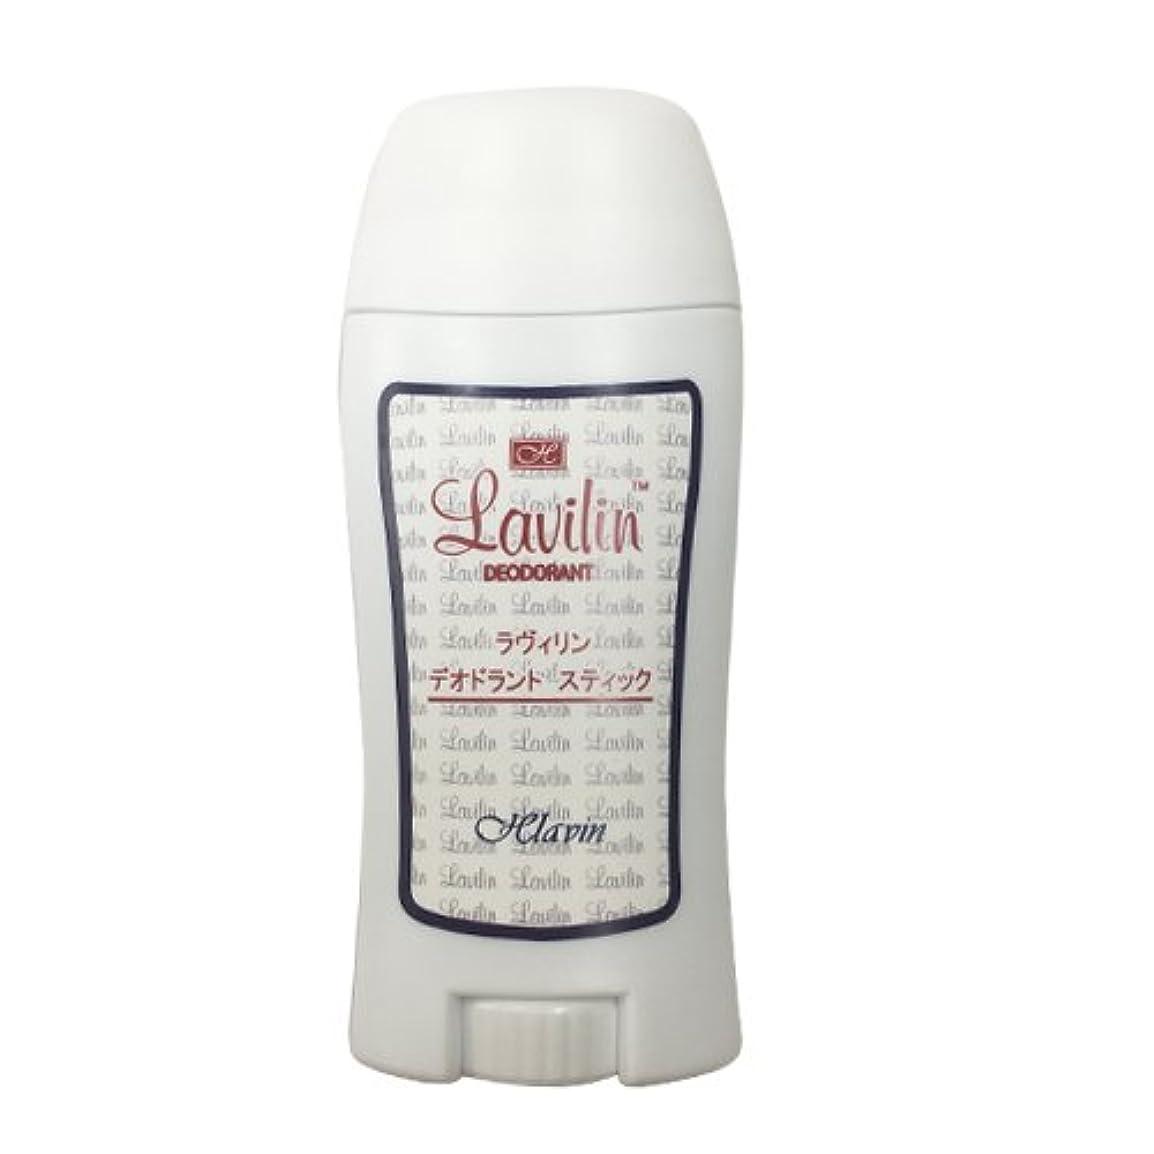 混合ミュウミュウ戦略ラヴィリン デオドラント スティック (Lavilin deodorant stick) 60ml